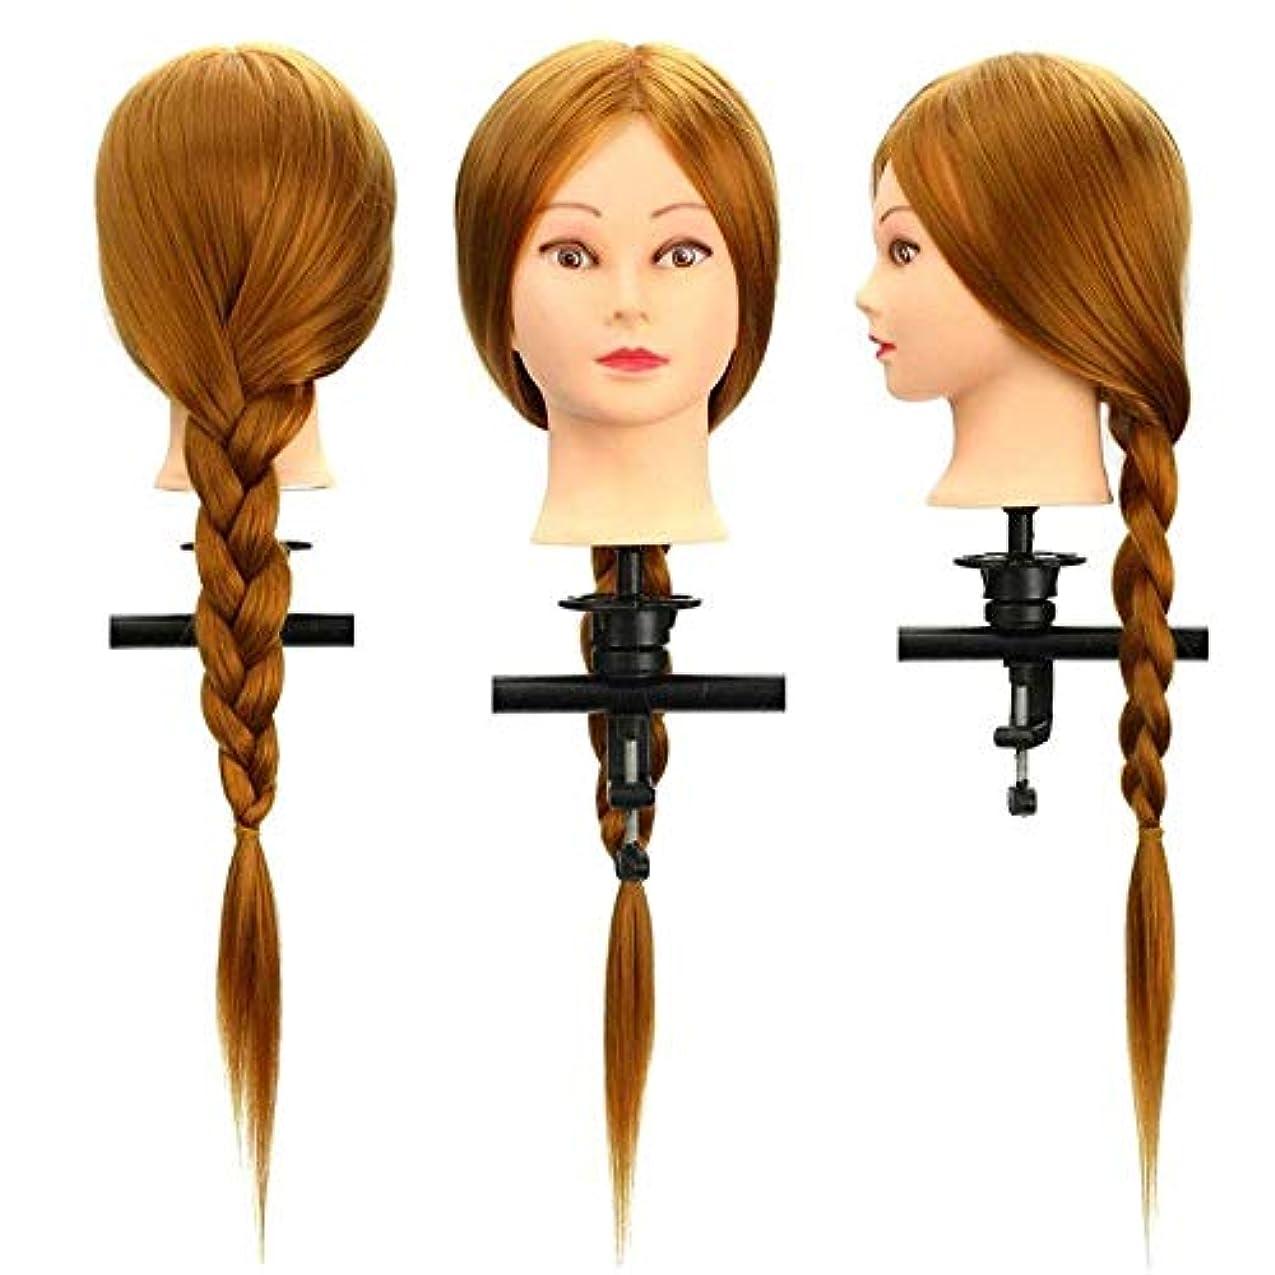 震え間隔にもかかわらずウイッグ マネキンヘッド 表クランプ30%本物の人間のロング理髪カットマネキンの髪トレーニング頭サロン 練習用 (色 : 褐色, サイズ : 26